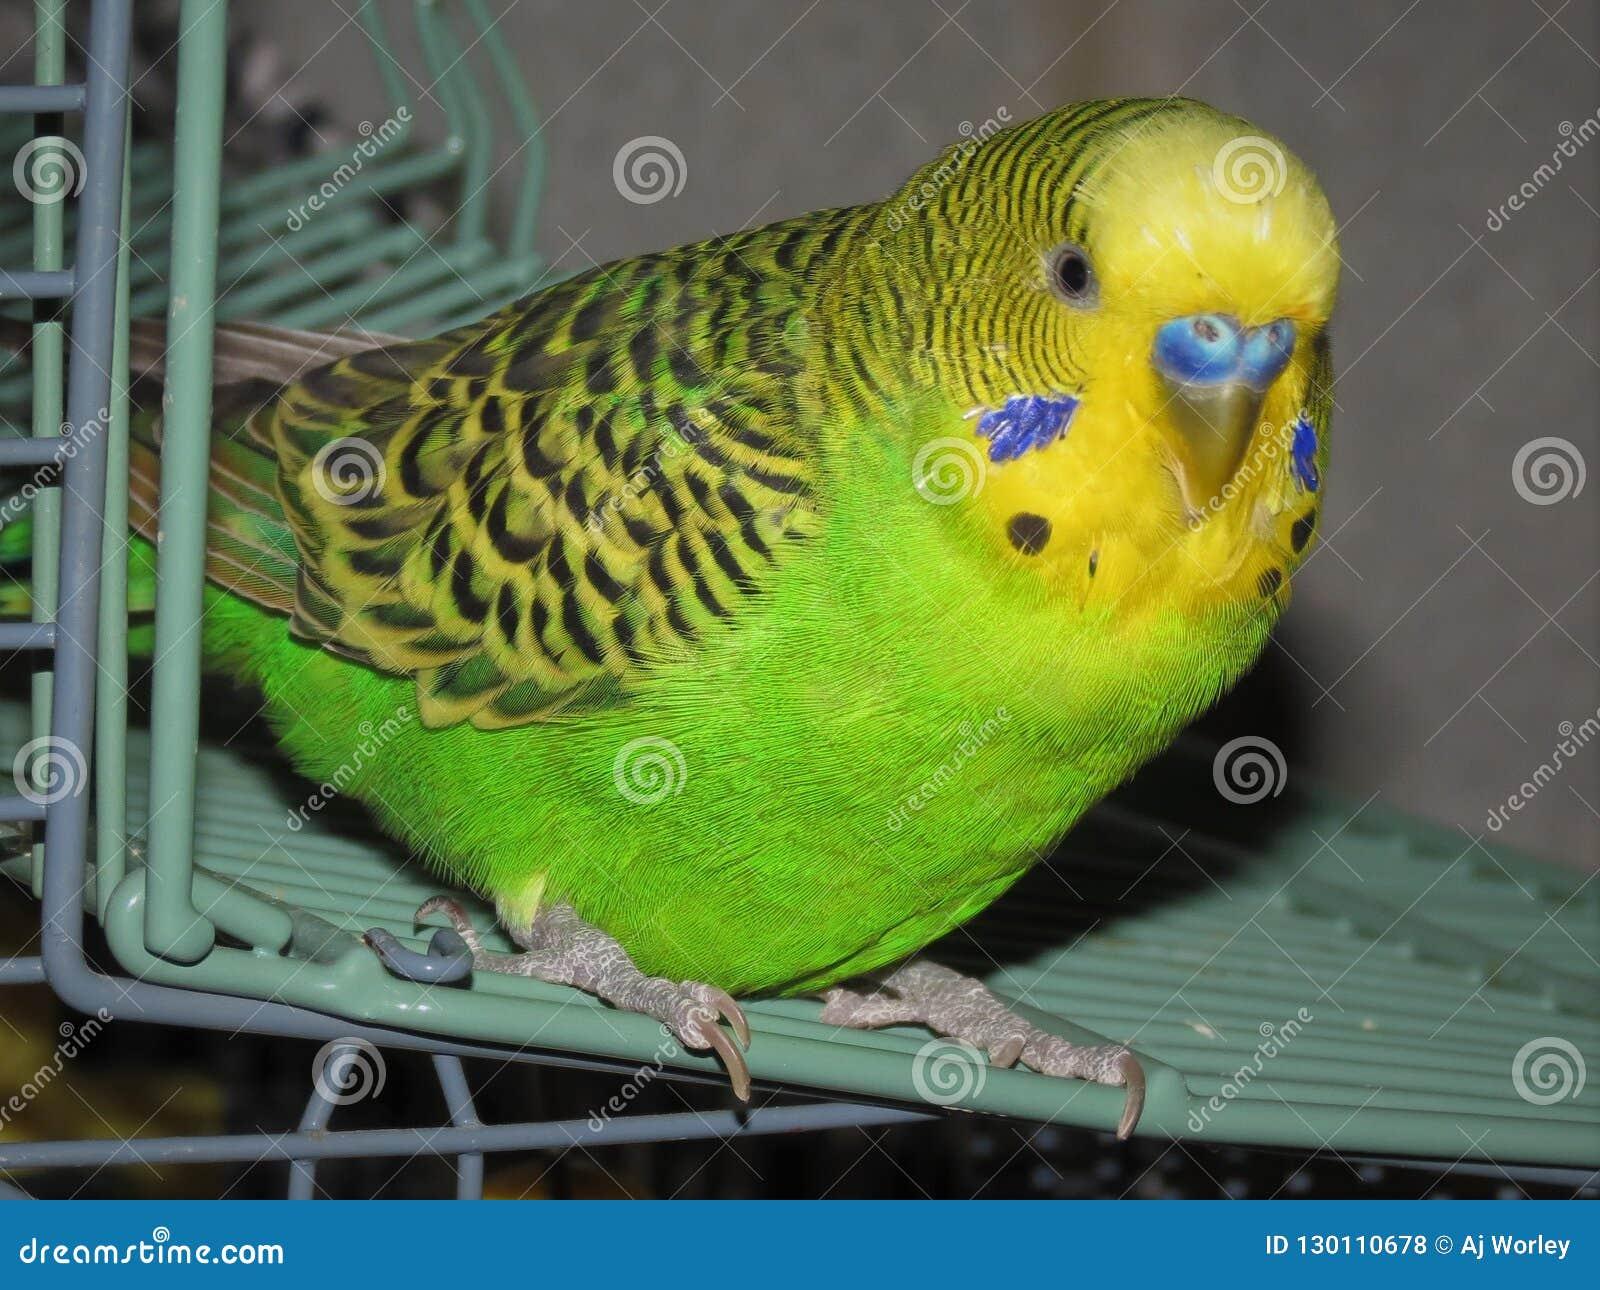 Minha palavra da Dinamarca do pássaro em sua gaiola a dizer olá!